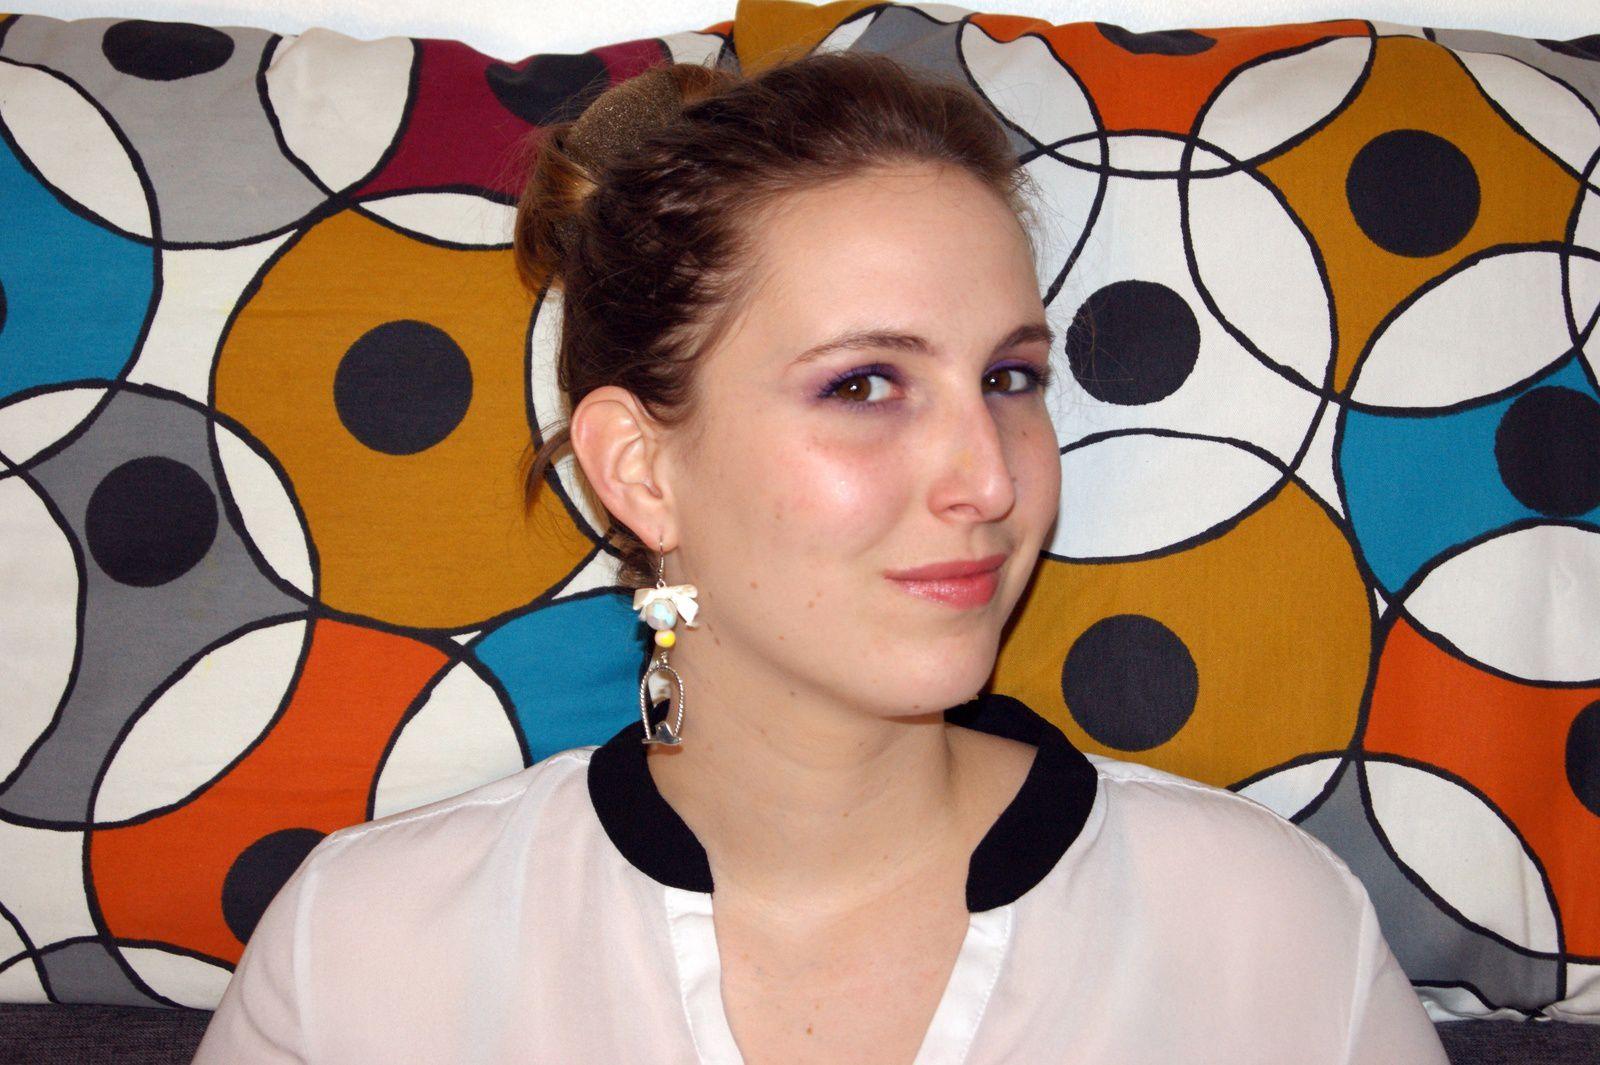 Comment porter ses propres bijoux faits main? 5 conseil pour ne pas être ou se sentir ridicule! Boucle d'oreille Fimo demoisailesfaitdesrevues.over-blog.com